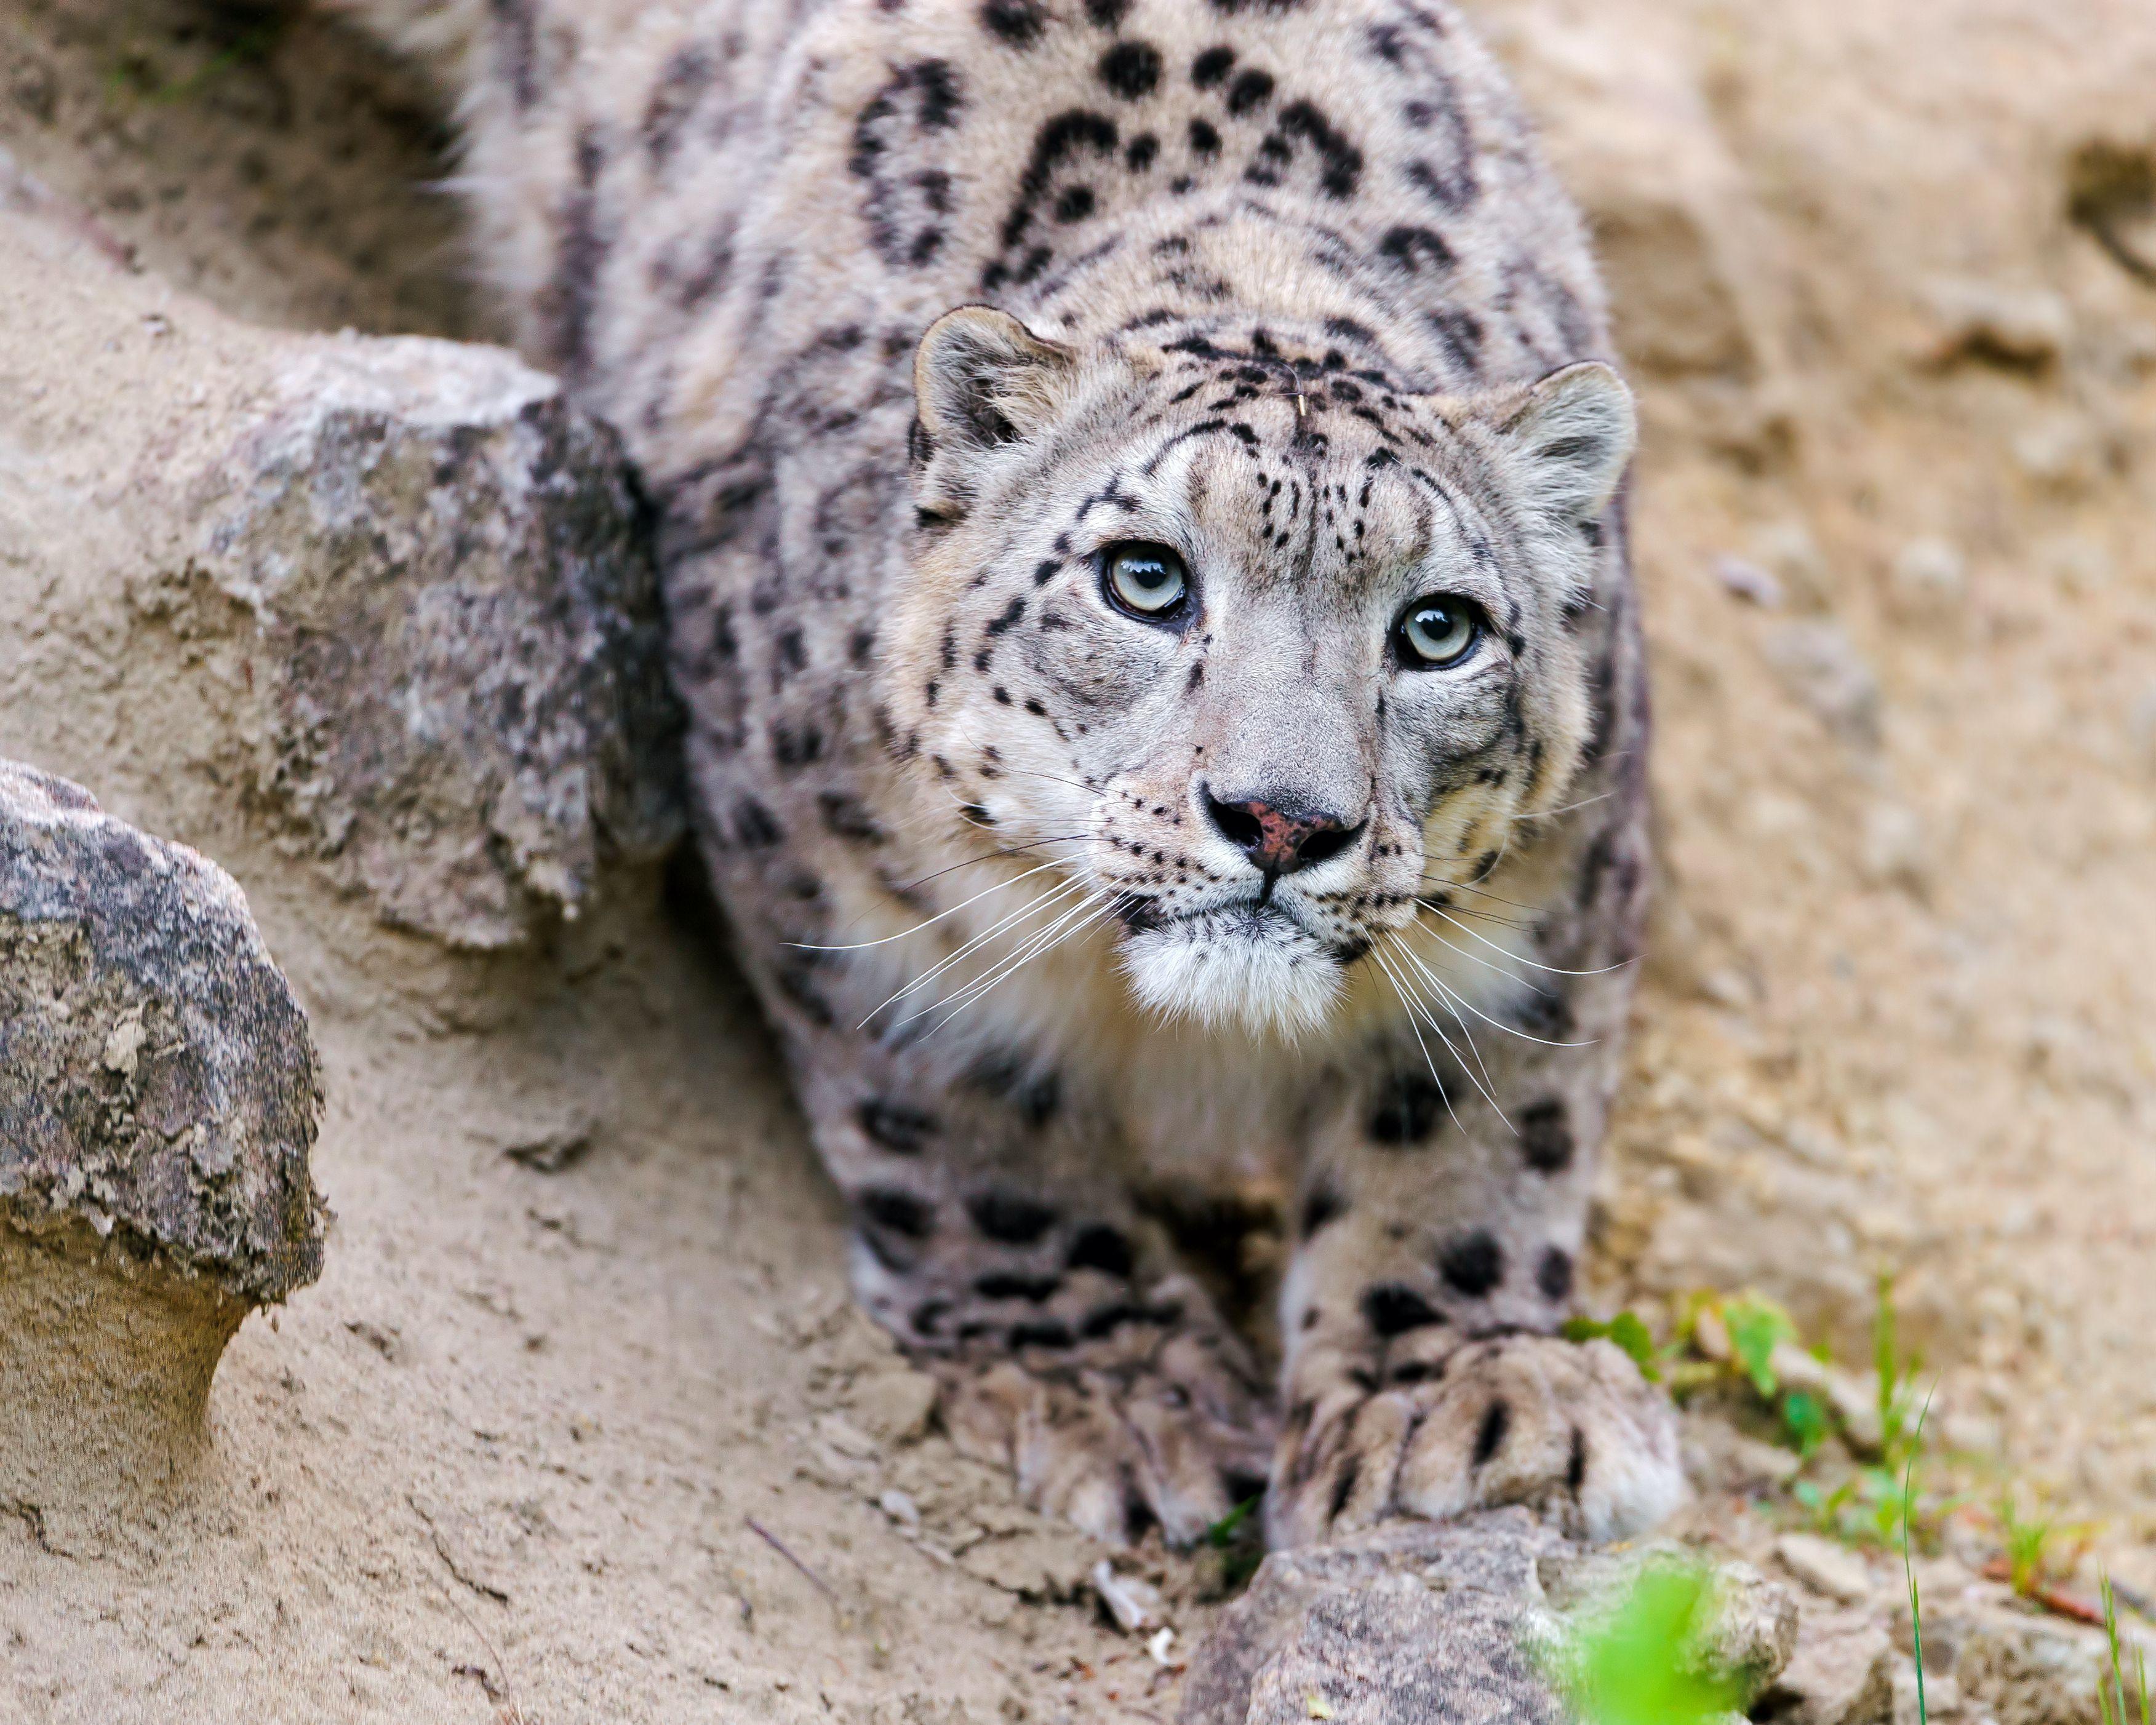 природа животные снег зима ягуар бесплатно